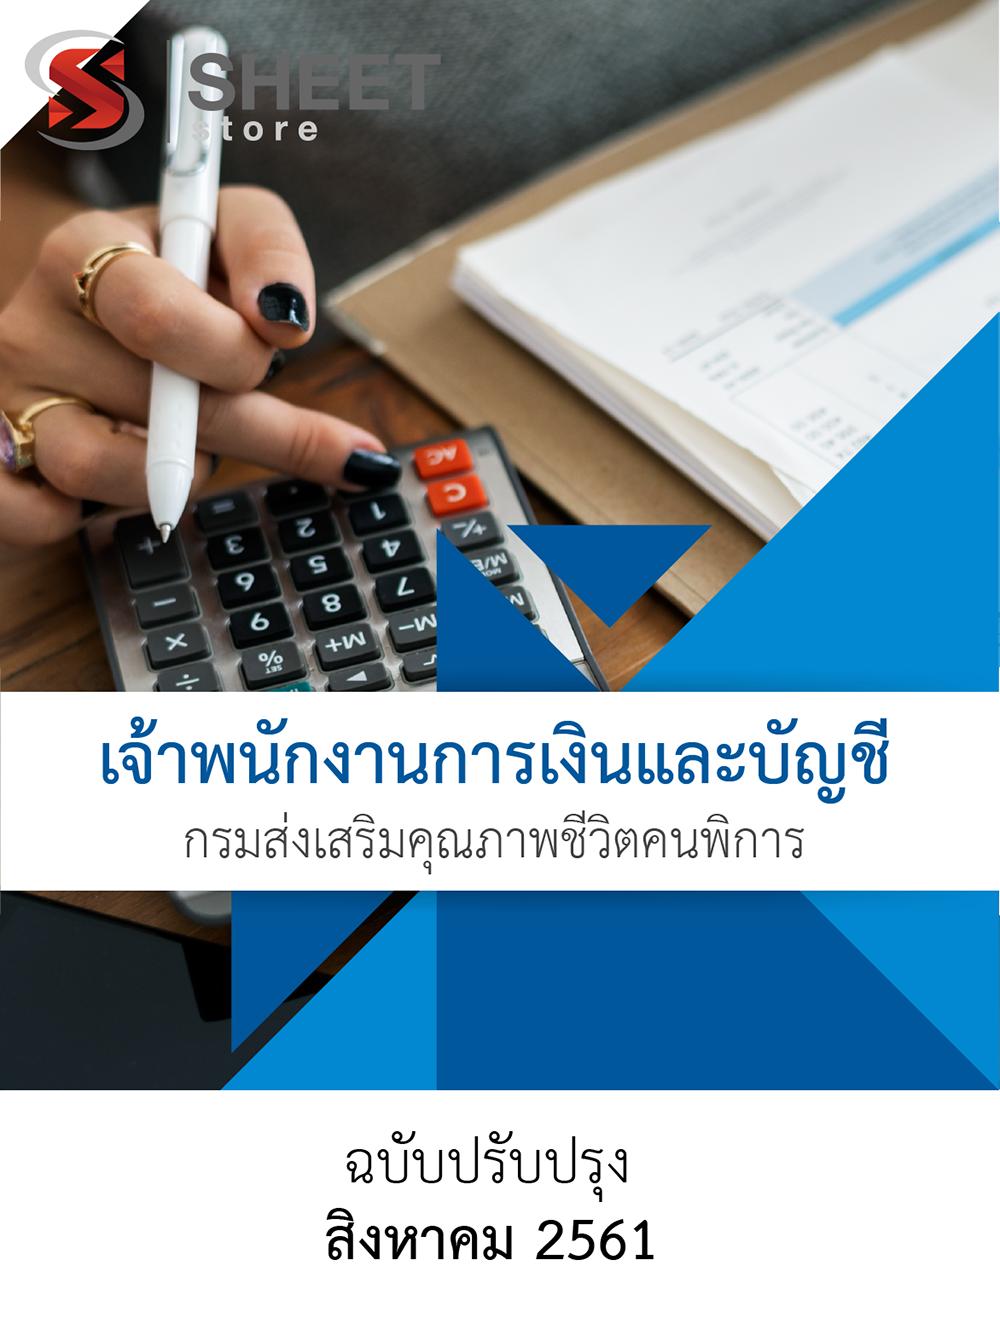 แนวข้อสอบ เจ้าพนักงานการเงินและบัญชี กรมส่งเสริมคุณภาพชีวิตคนพิการ